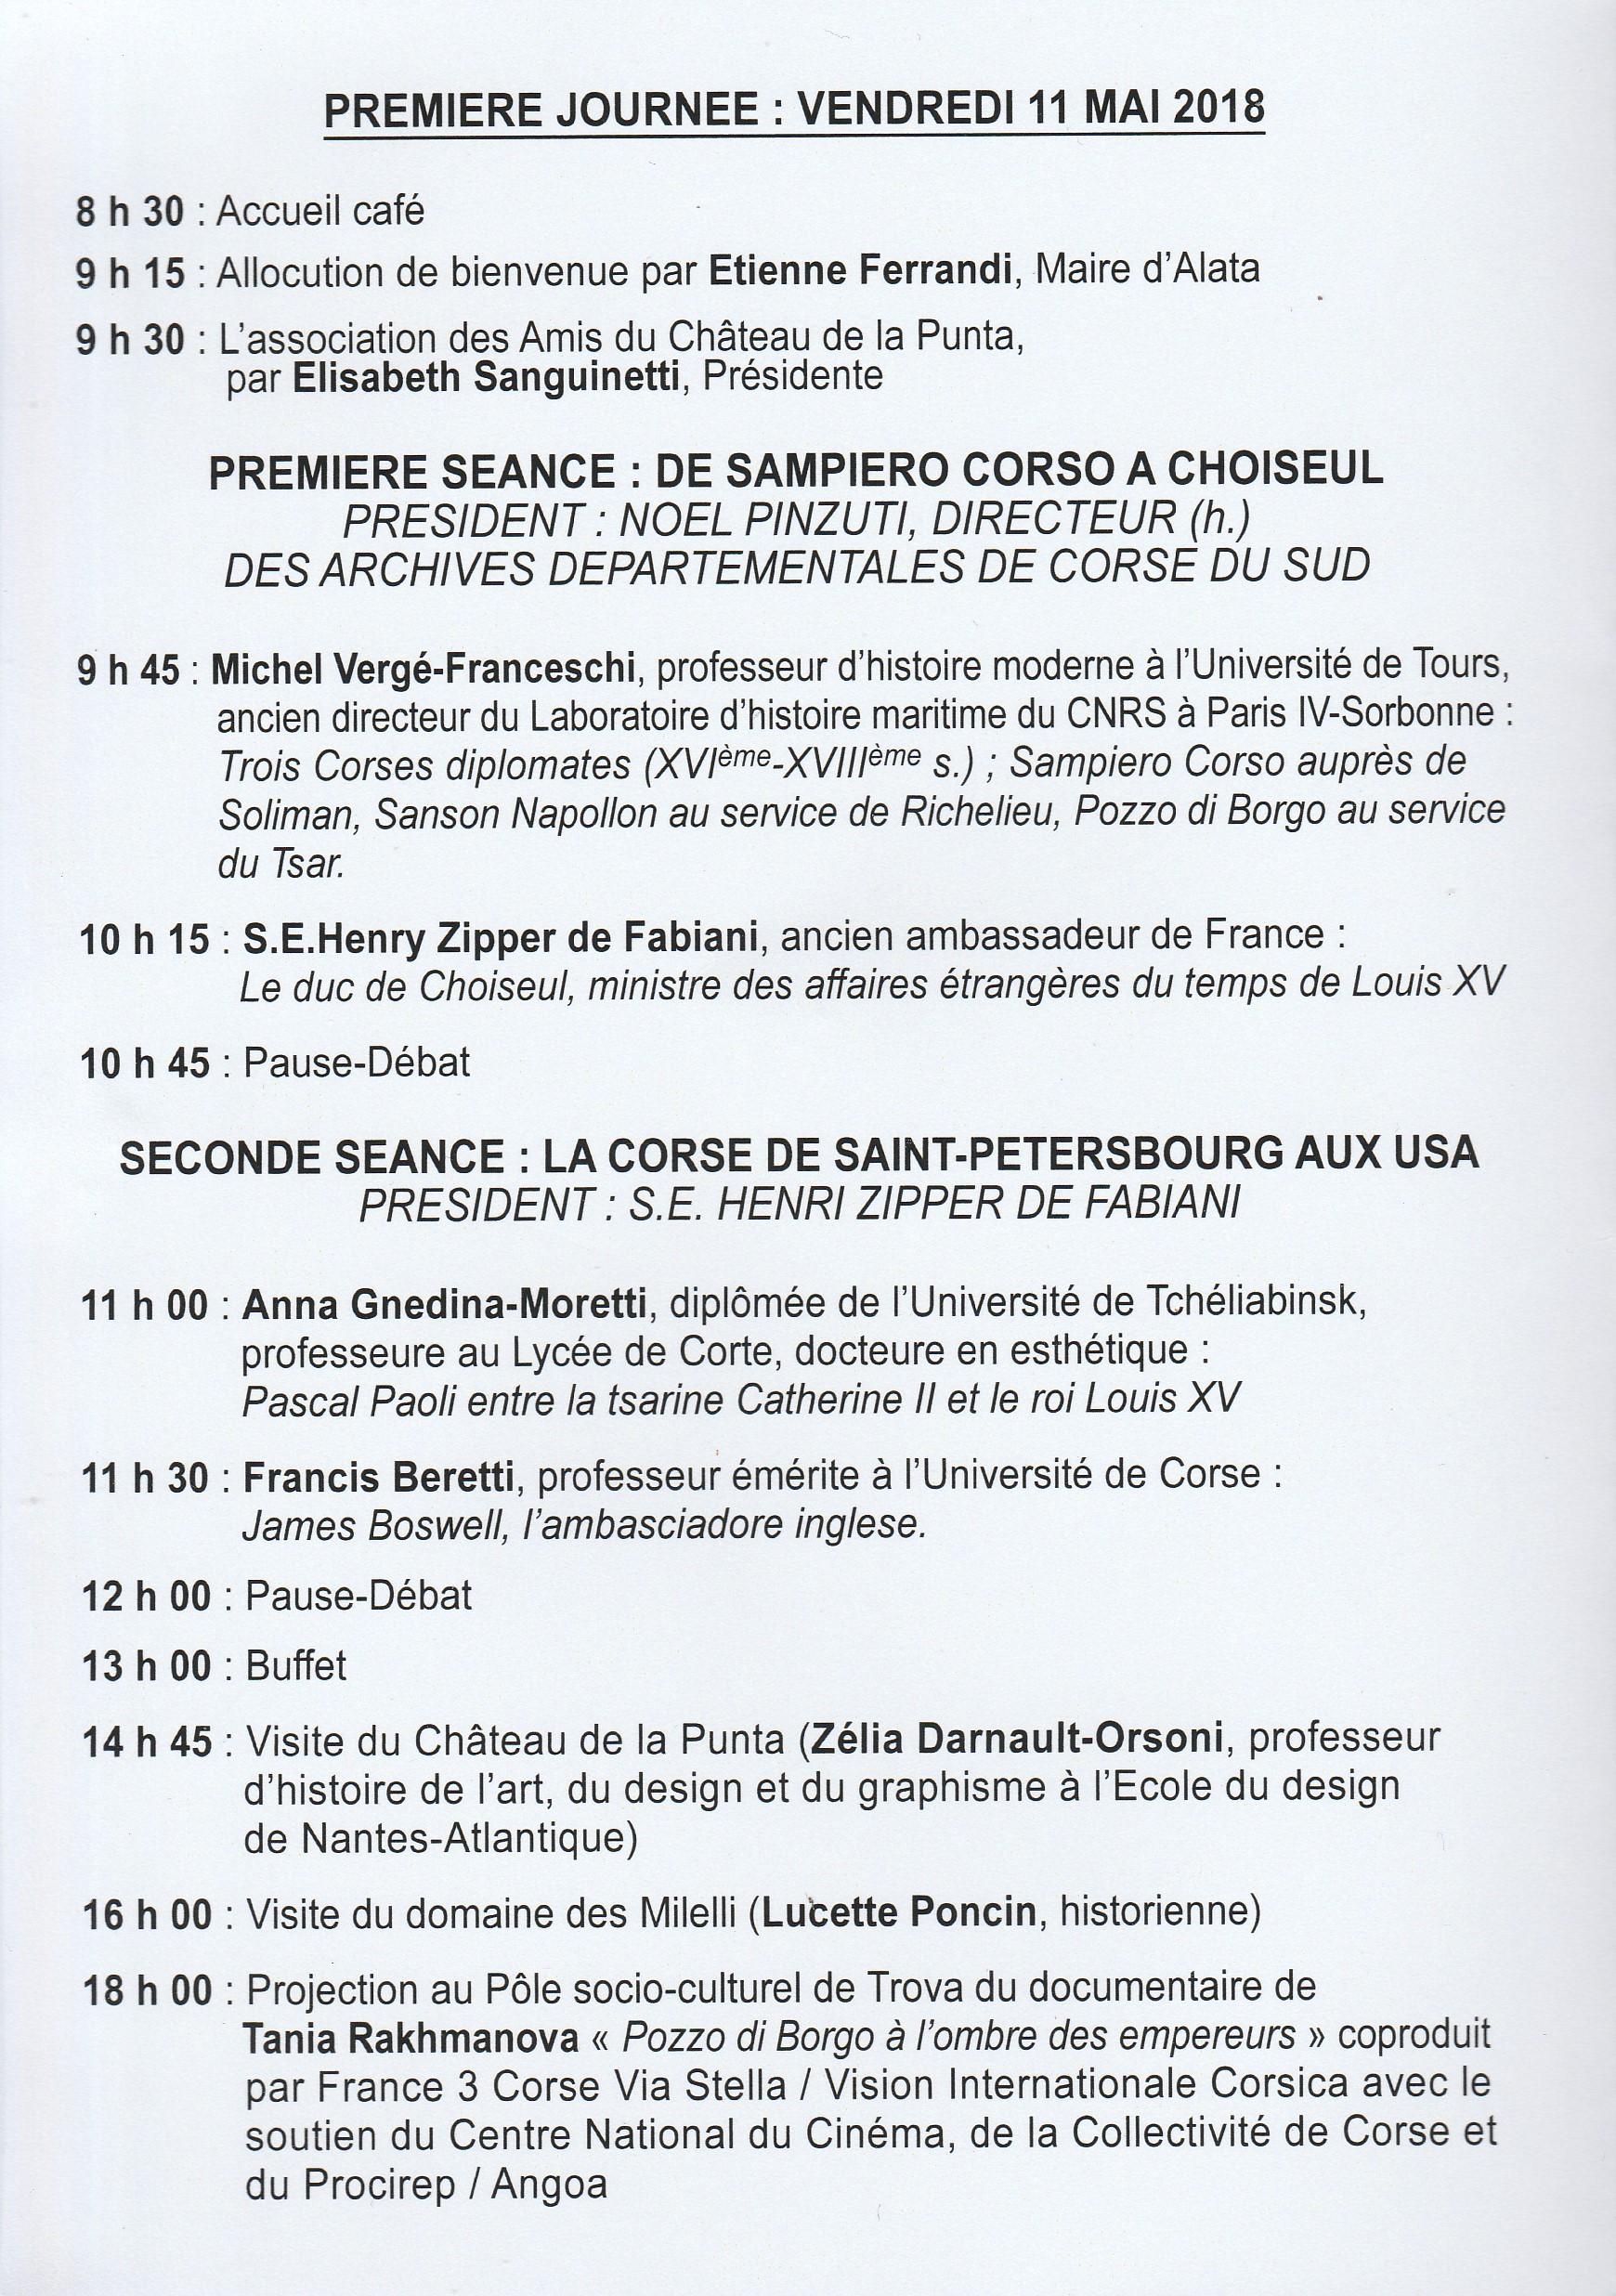 DEUXIEME COLLOQUE HISTORIQUE D'ALATA - La Corse et les Corses dans la diplomatie.